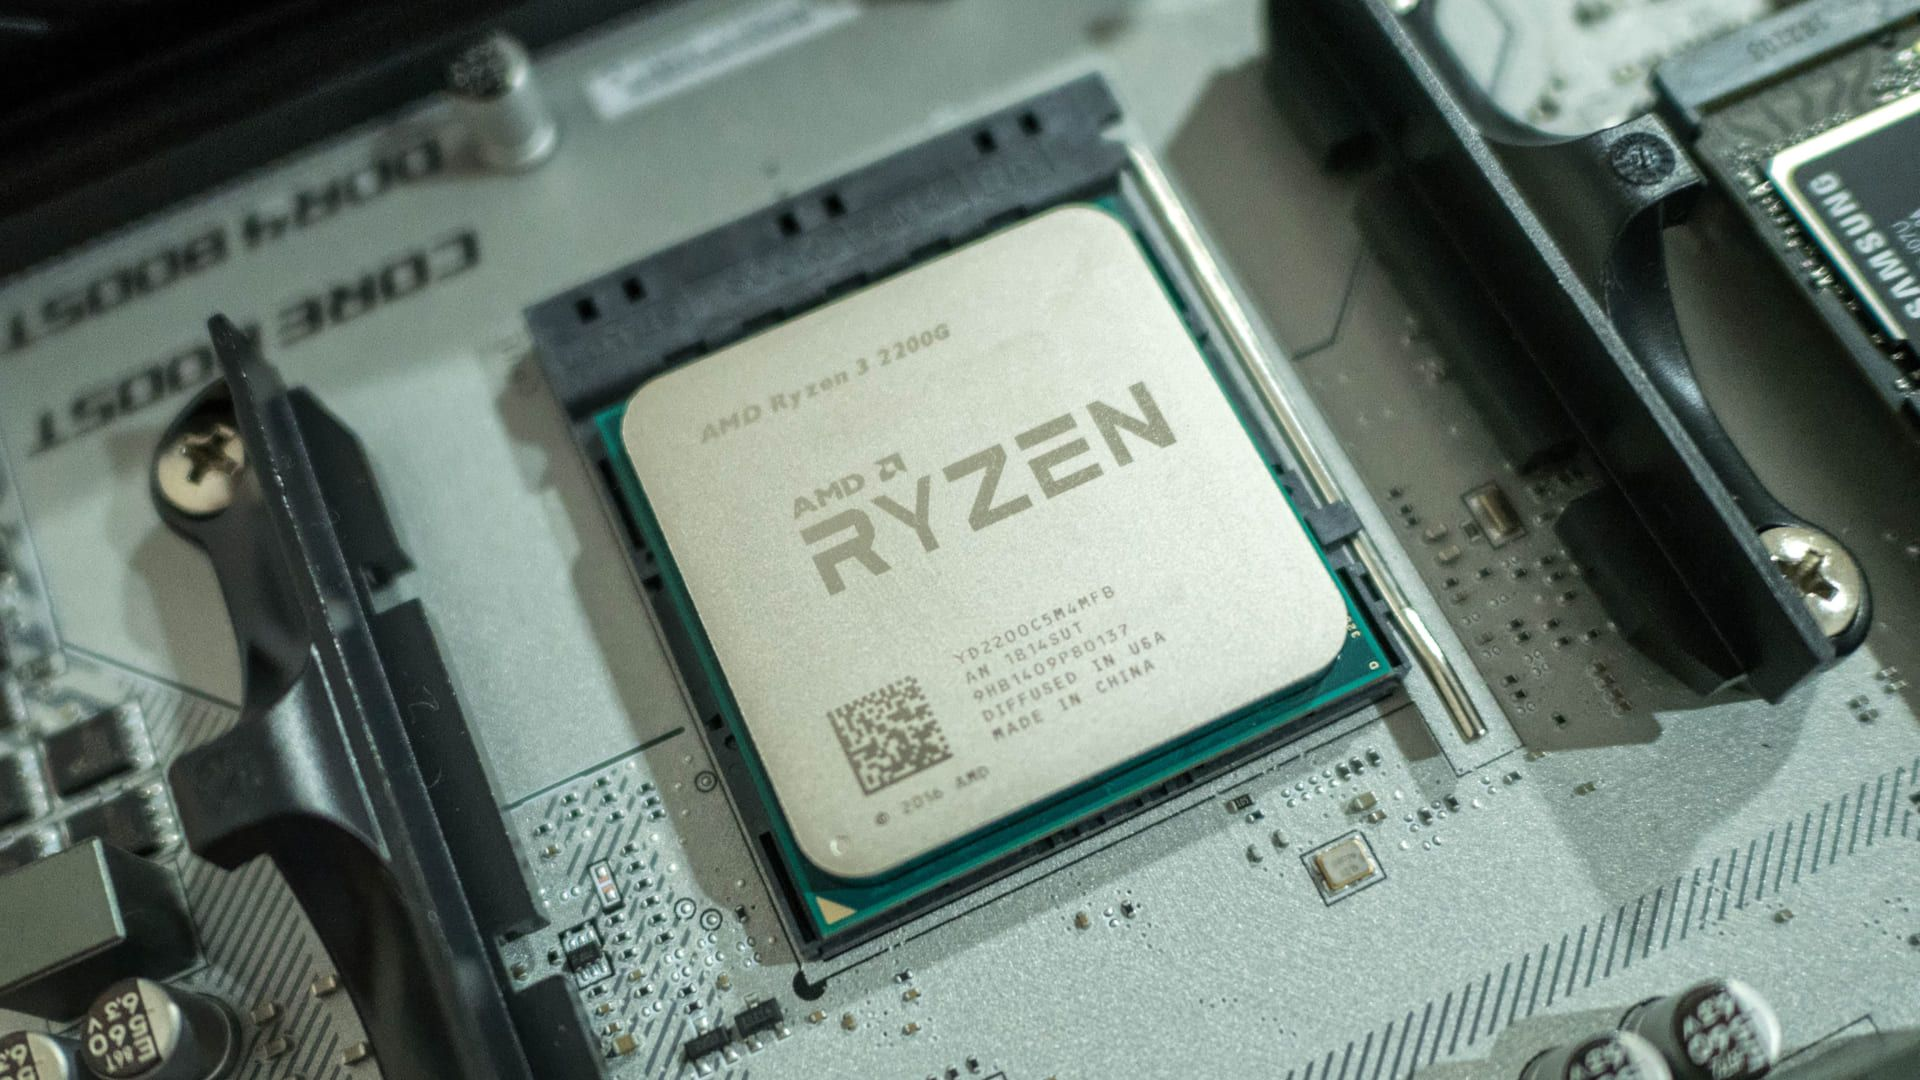 Processador AMD Ryzen 32200G na parte interna do computador